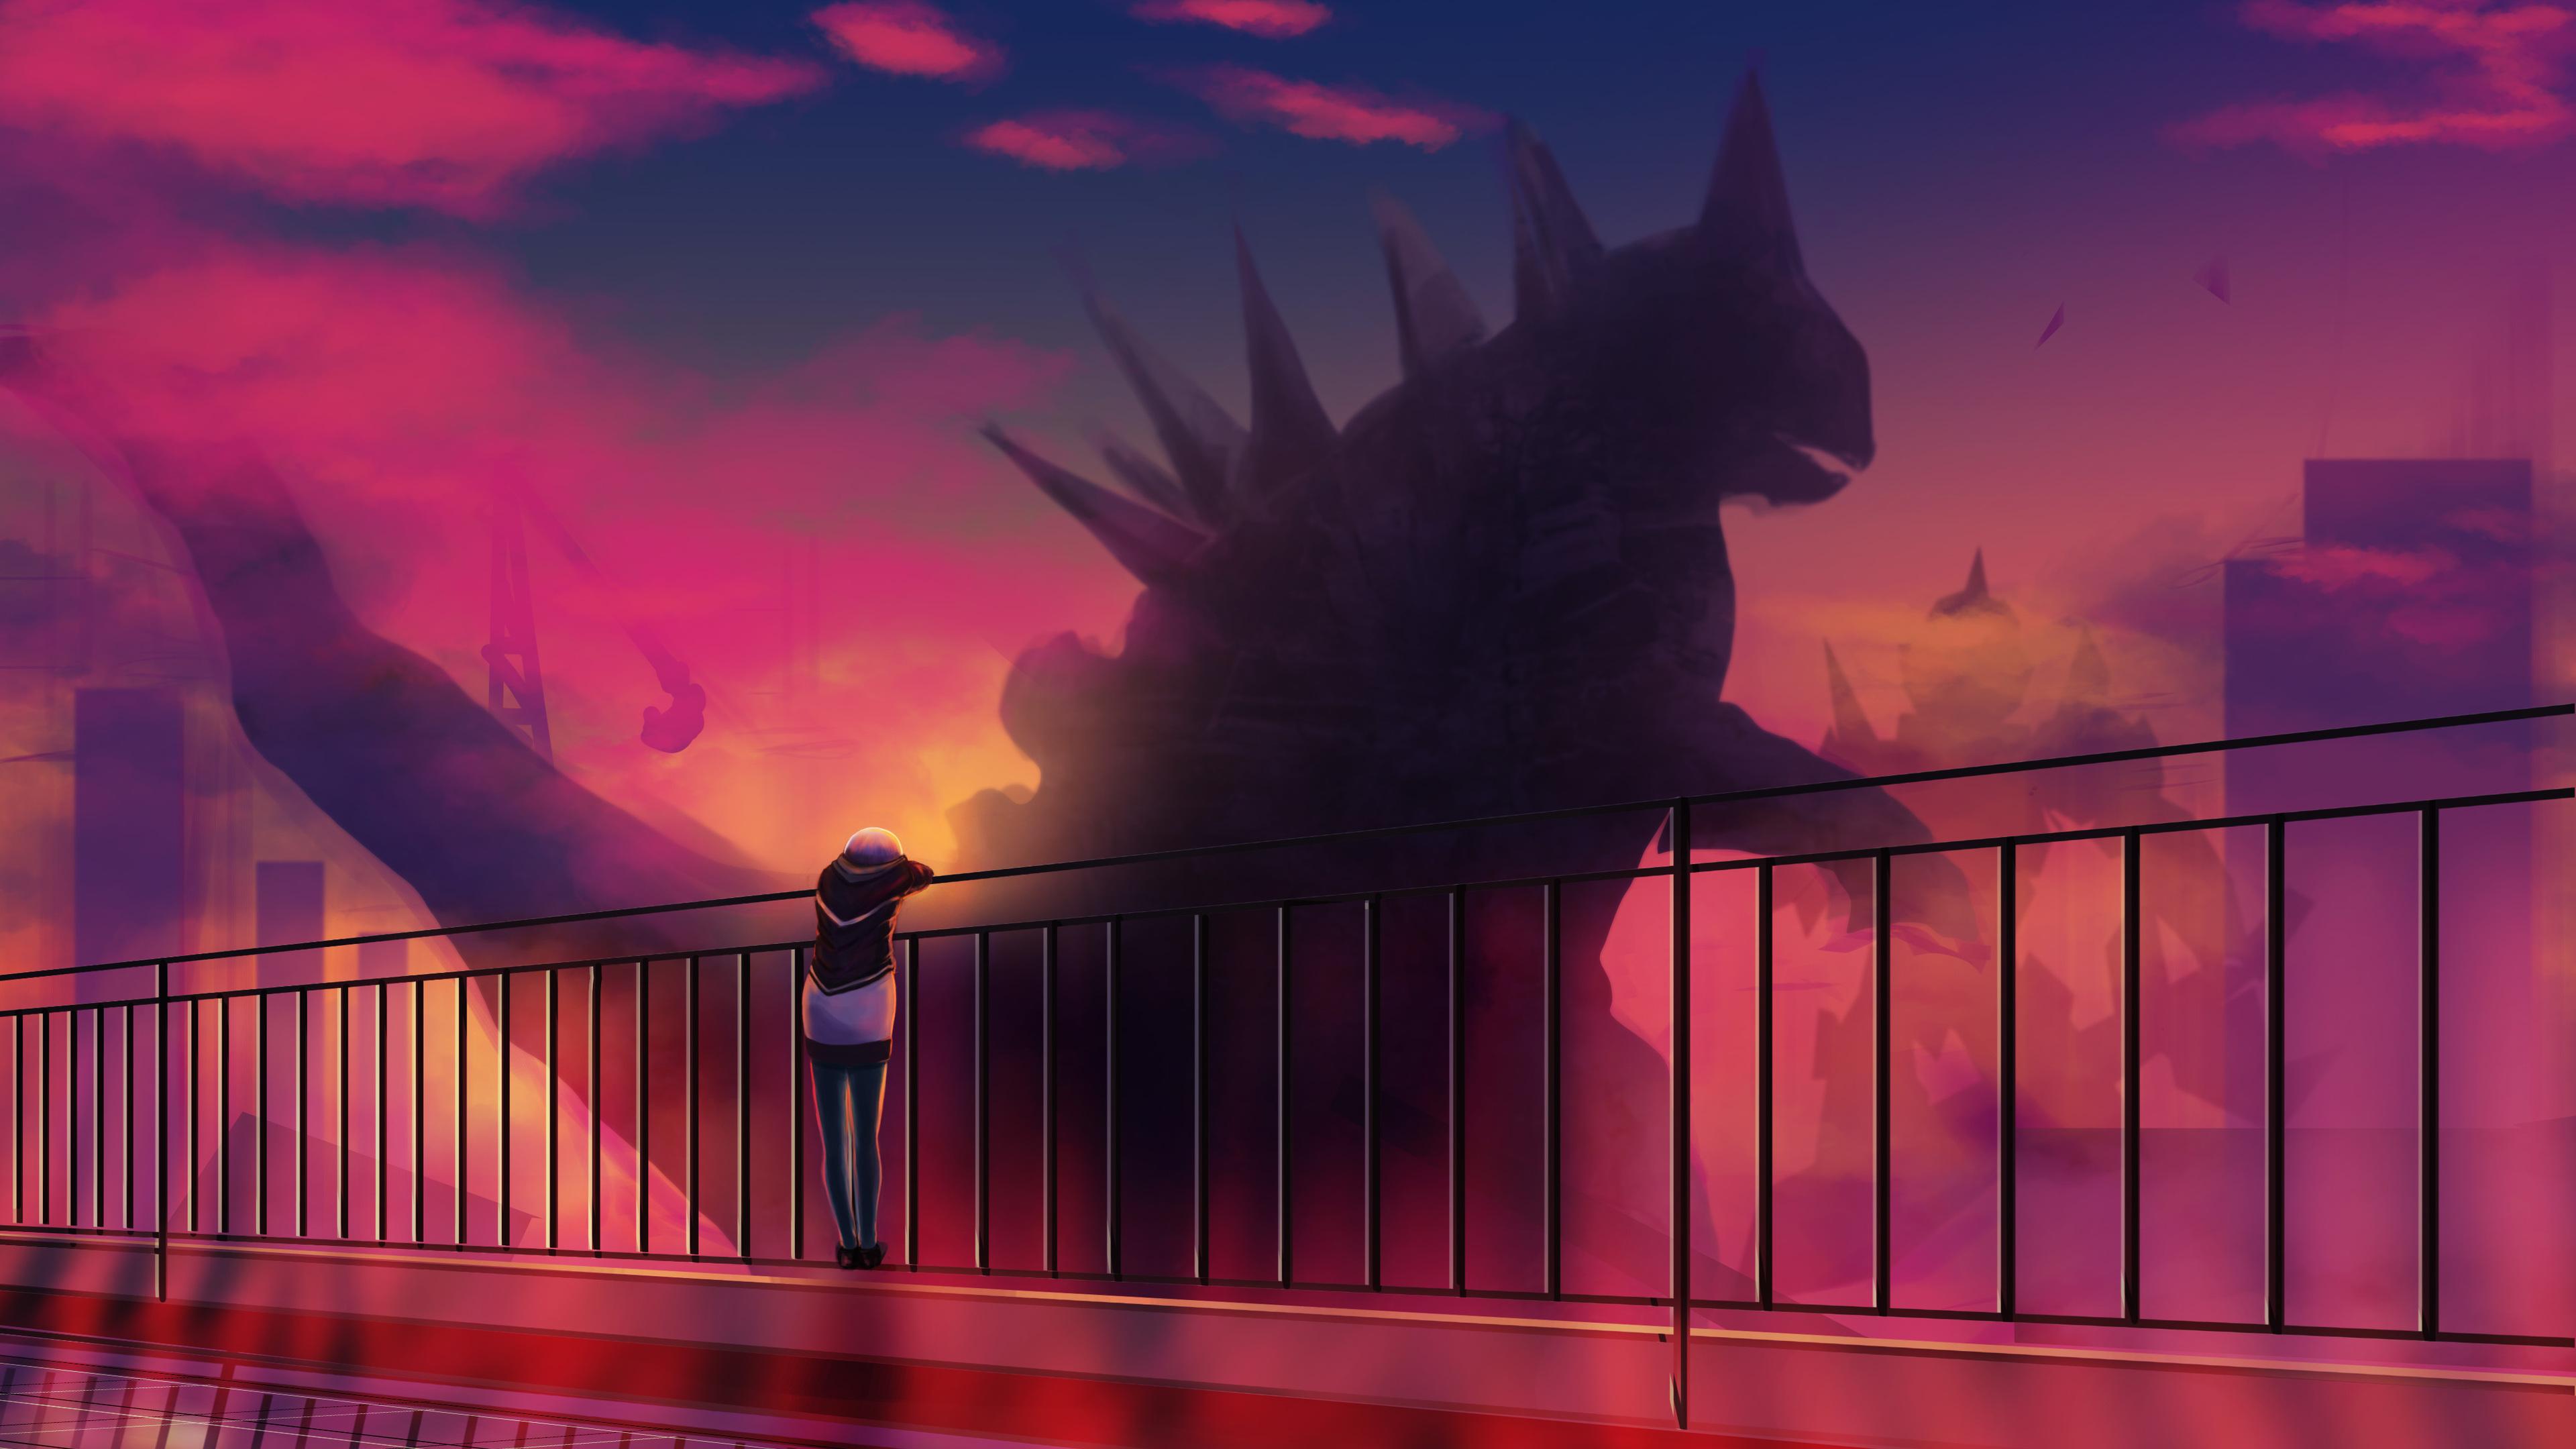 akane shinjou anime 4k 1543946658 - Akane Shinjou Anime 4k - pixiv wallpapers, hd-wallpapers, digital art wallpapers, artwork wallpapers, artist wallpapers, anime wallpapers, 4k-wallpapers